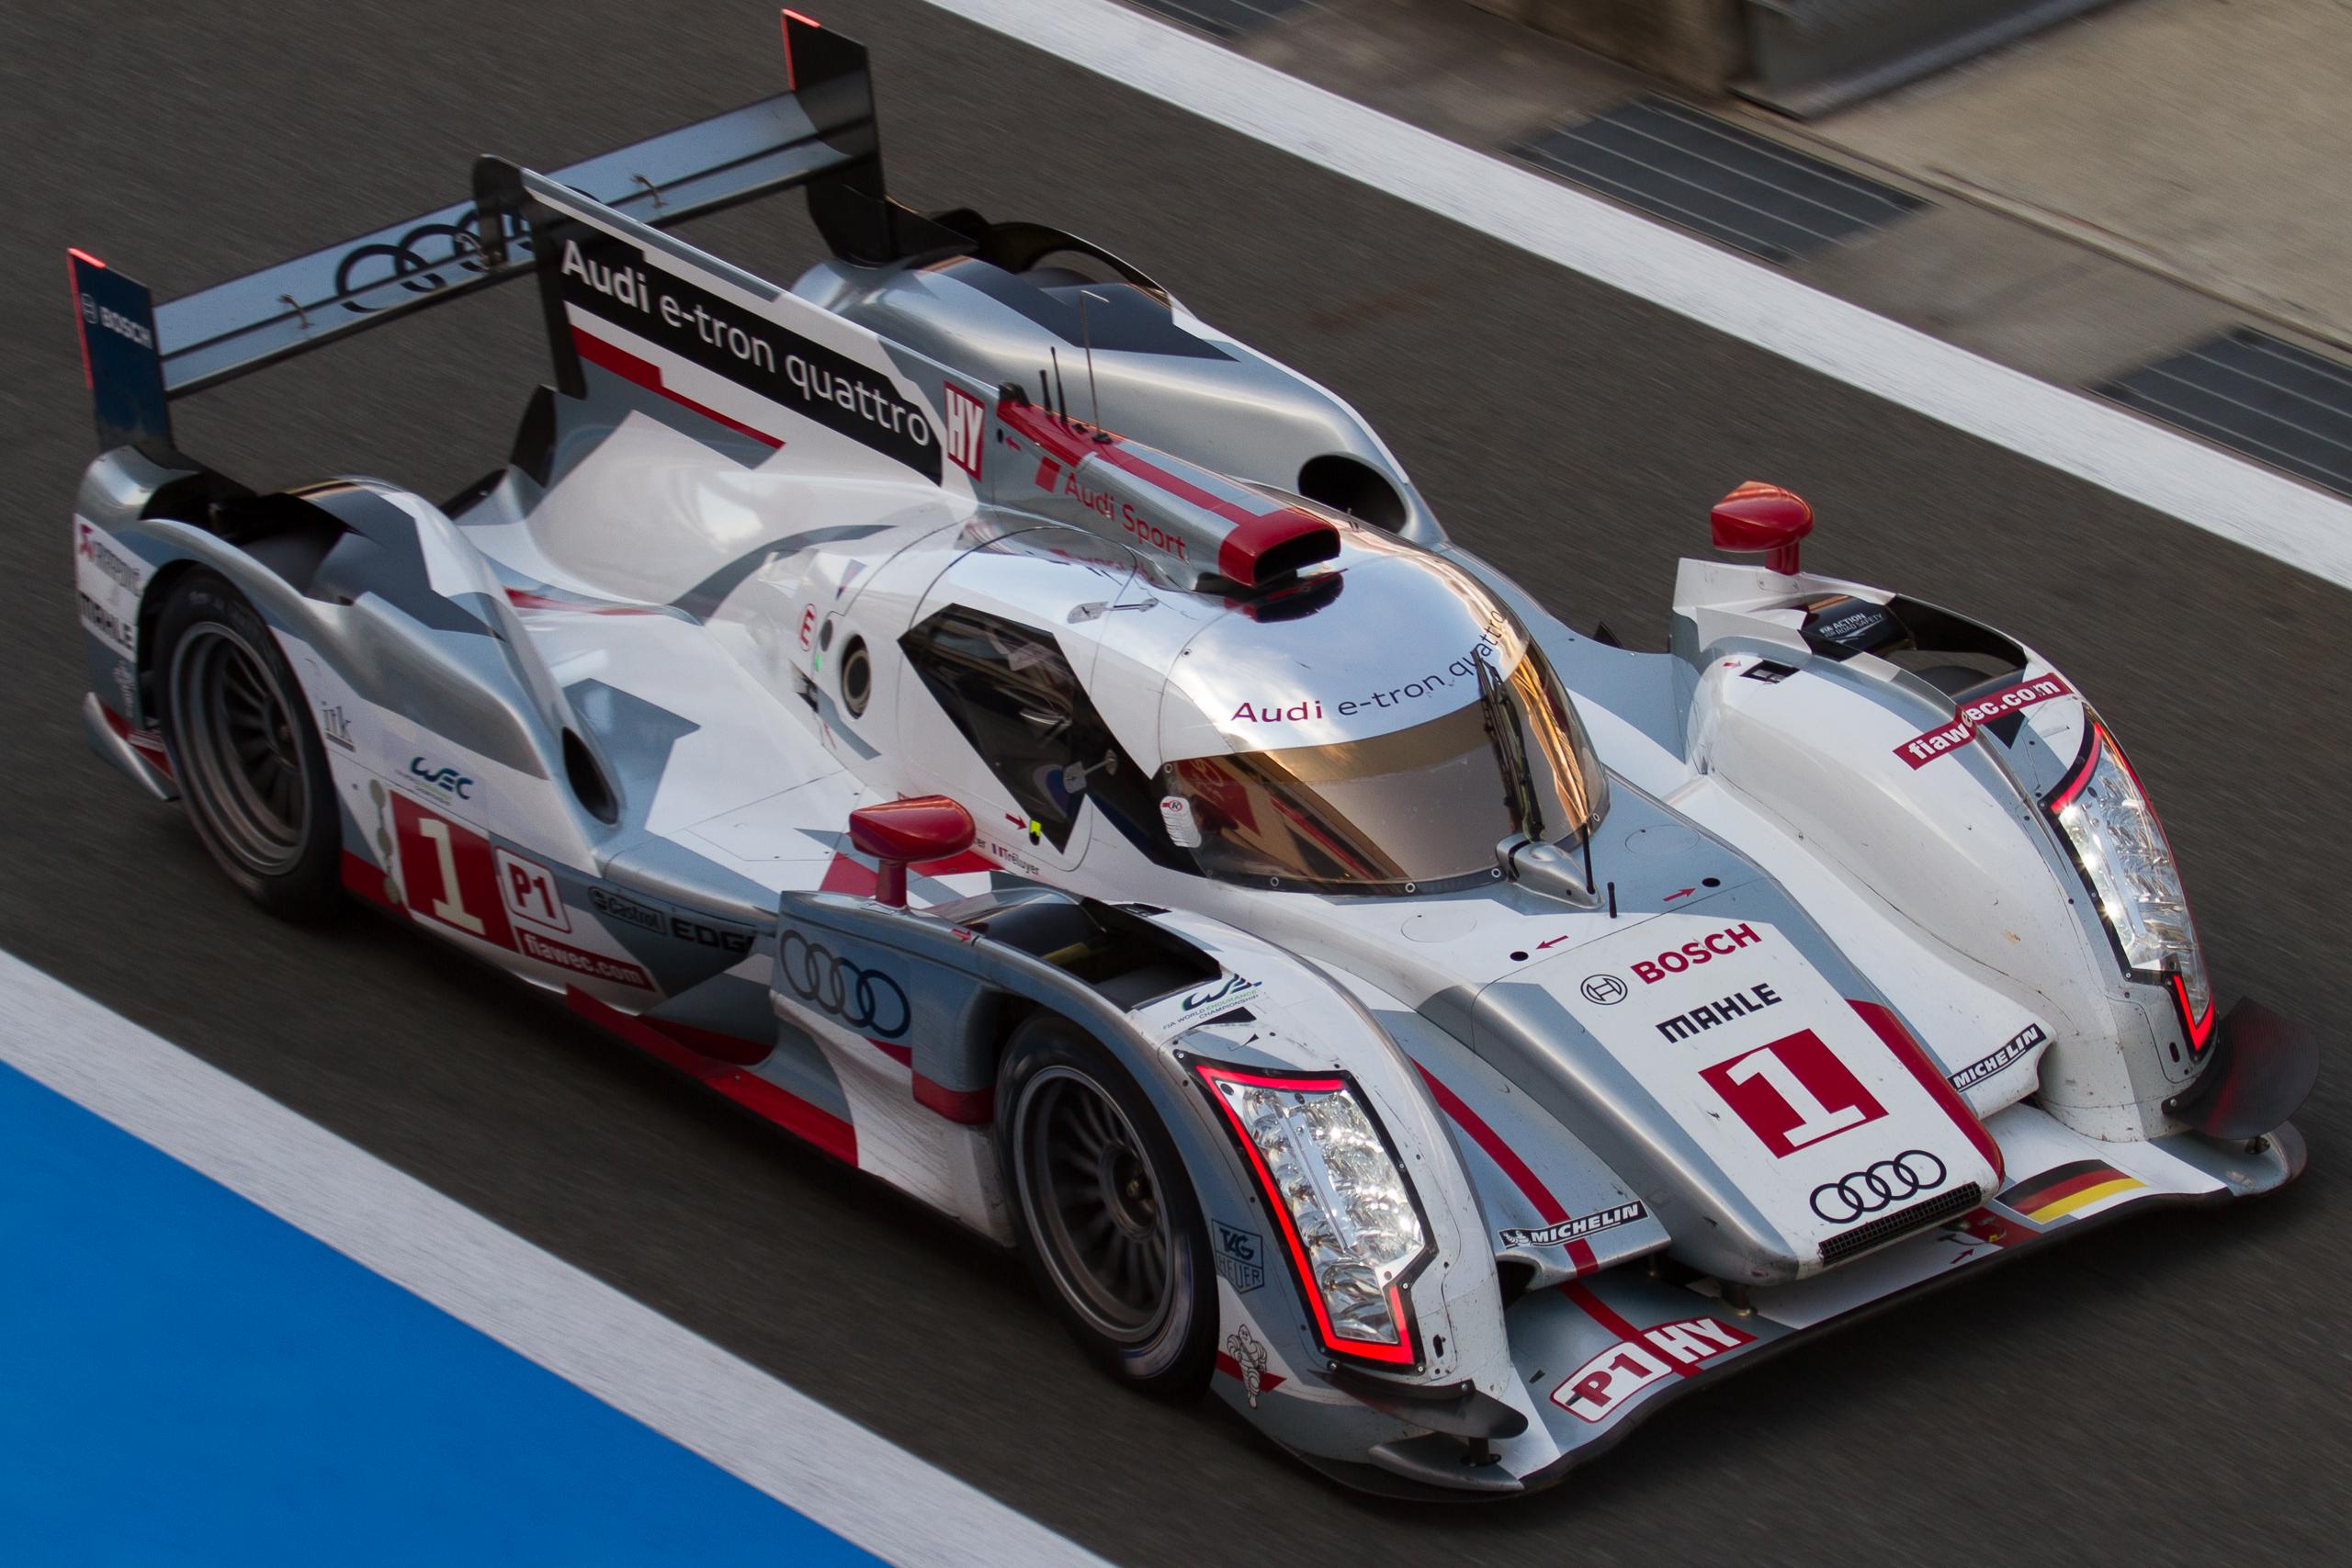 Audi_R18_e-tron_quattro_no1_top_view_2012_WEC_Fuji